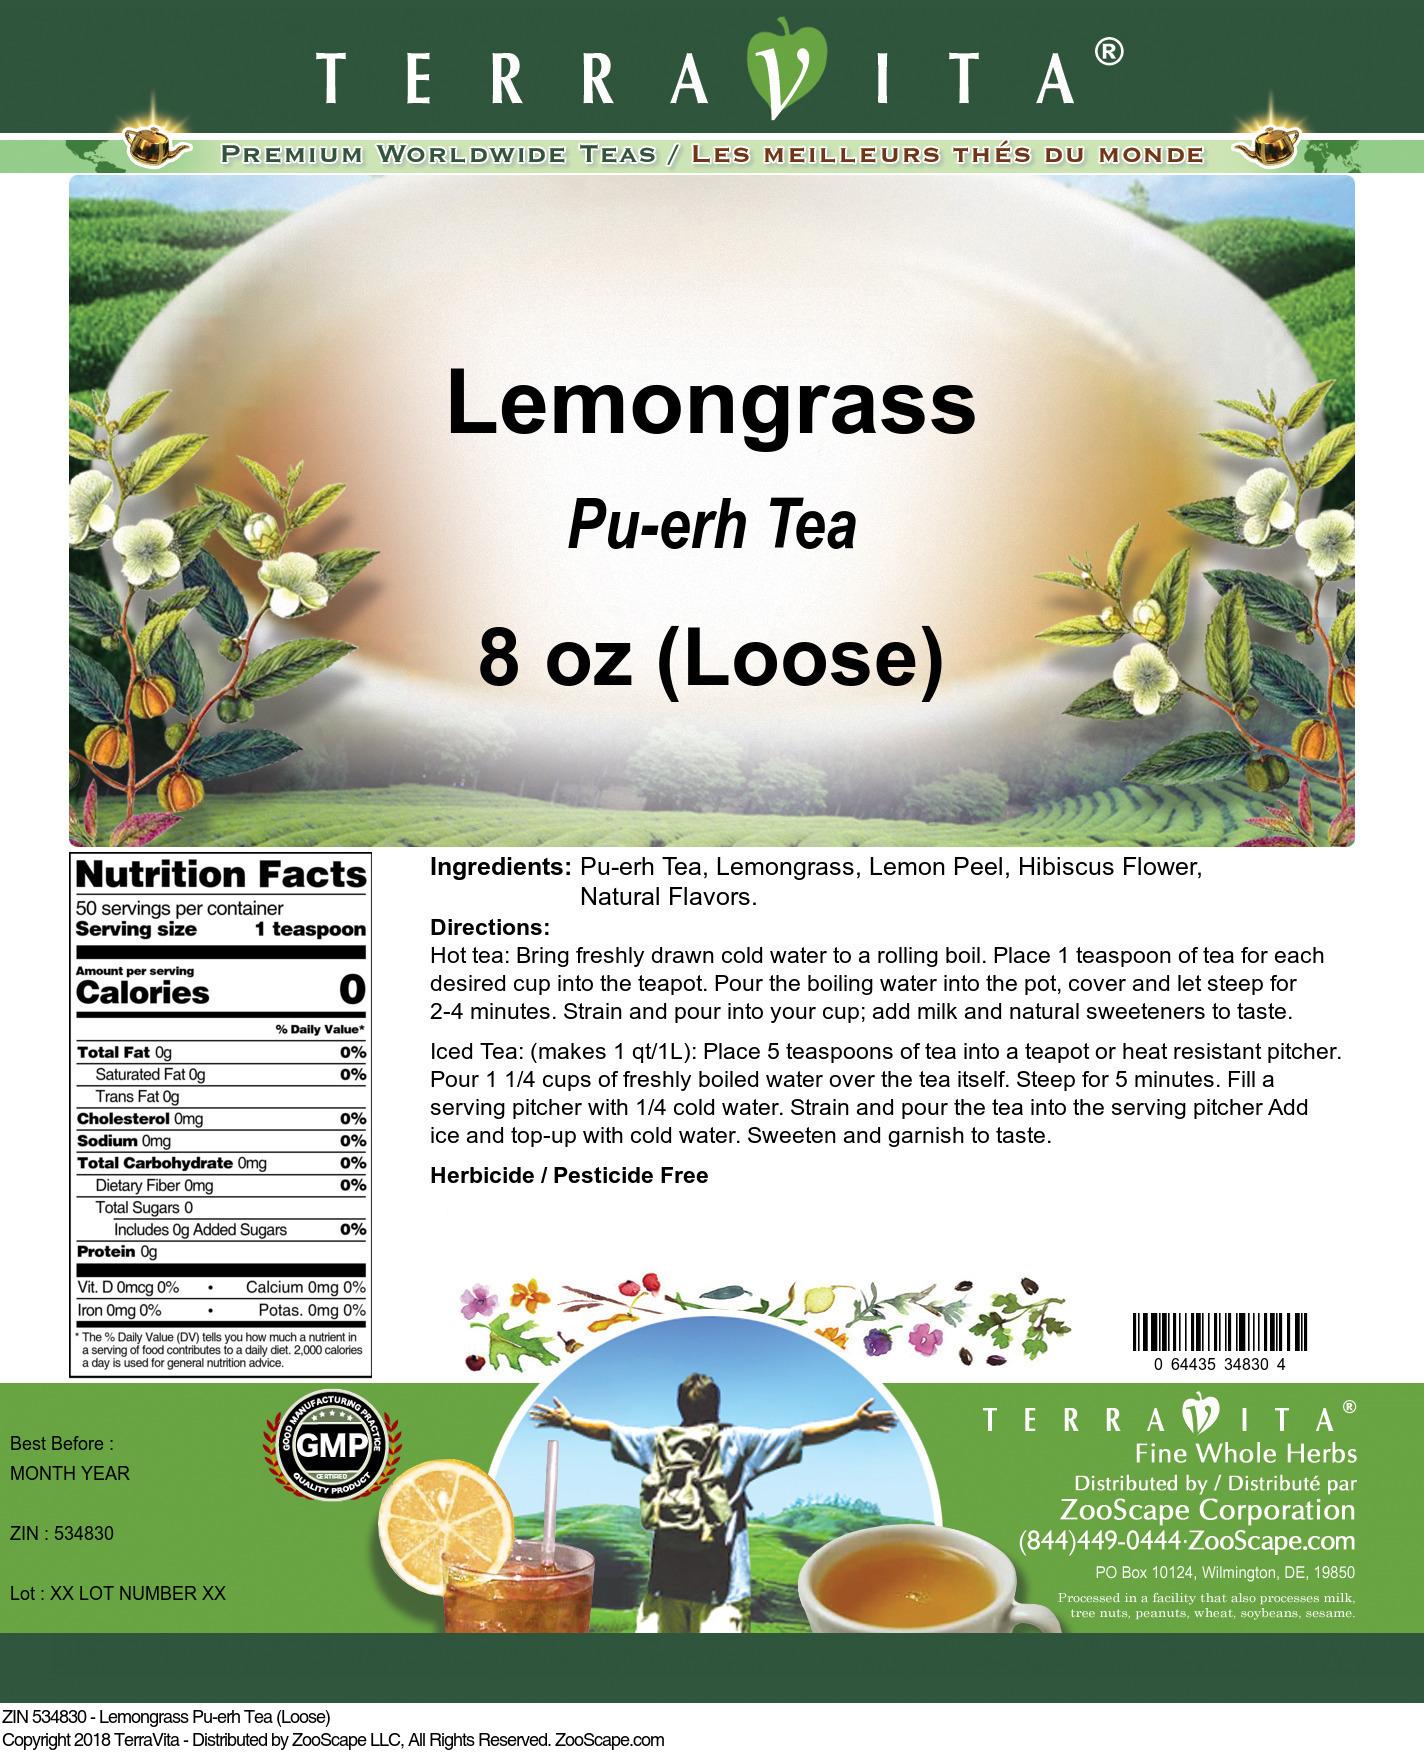 Lemongrass Pu-erh Tea